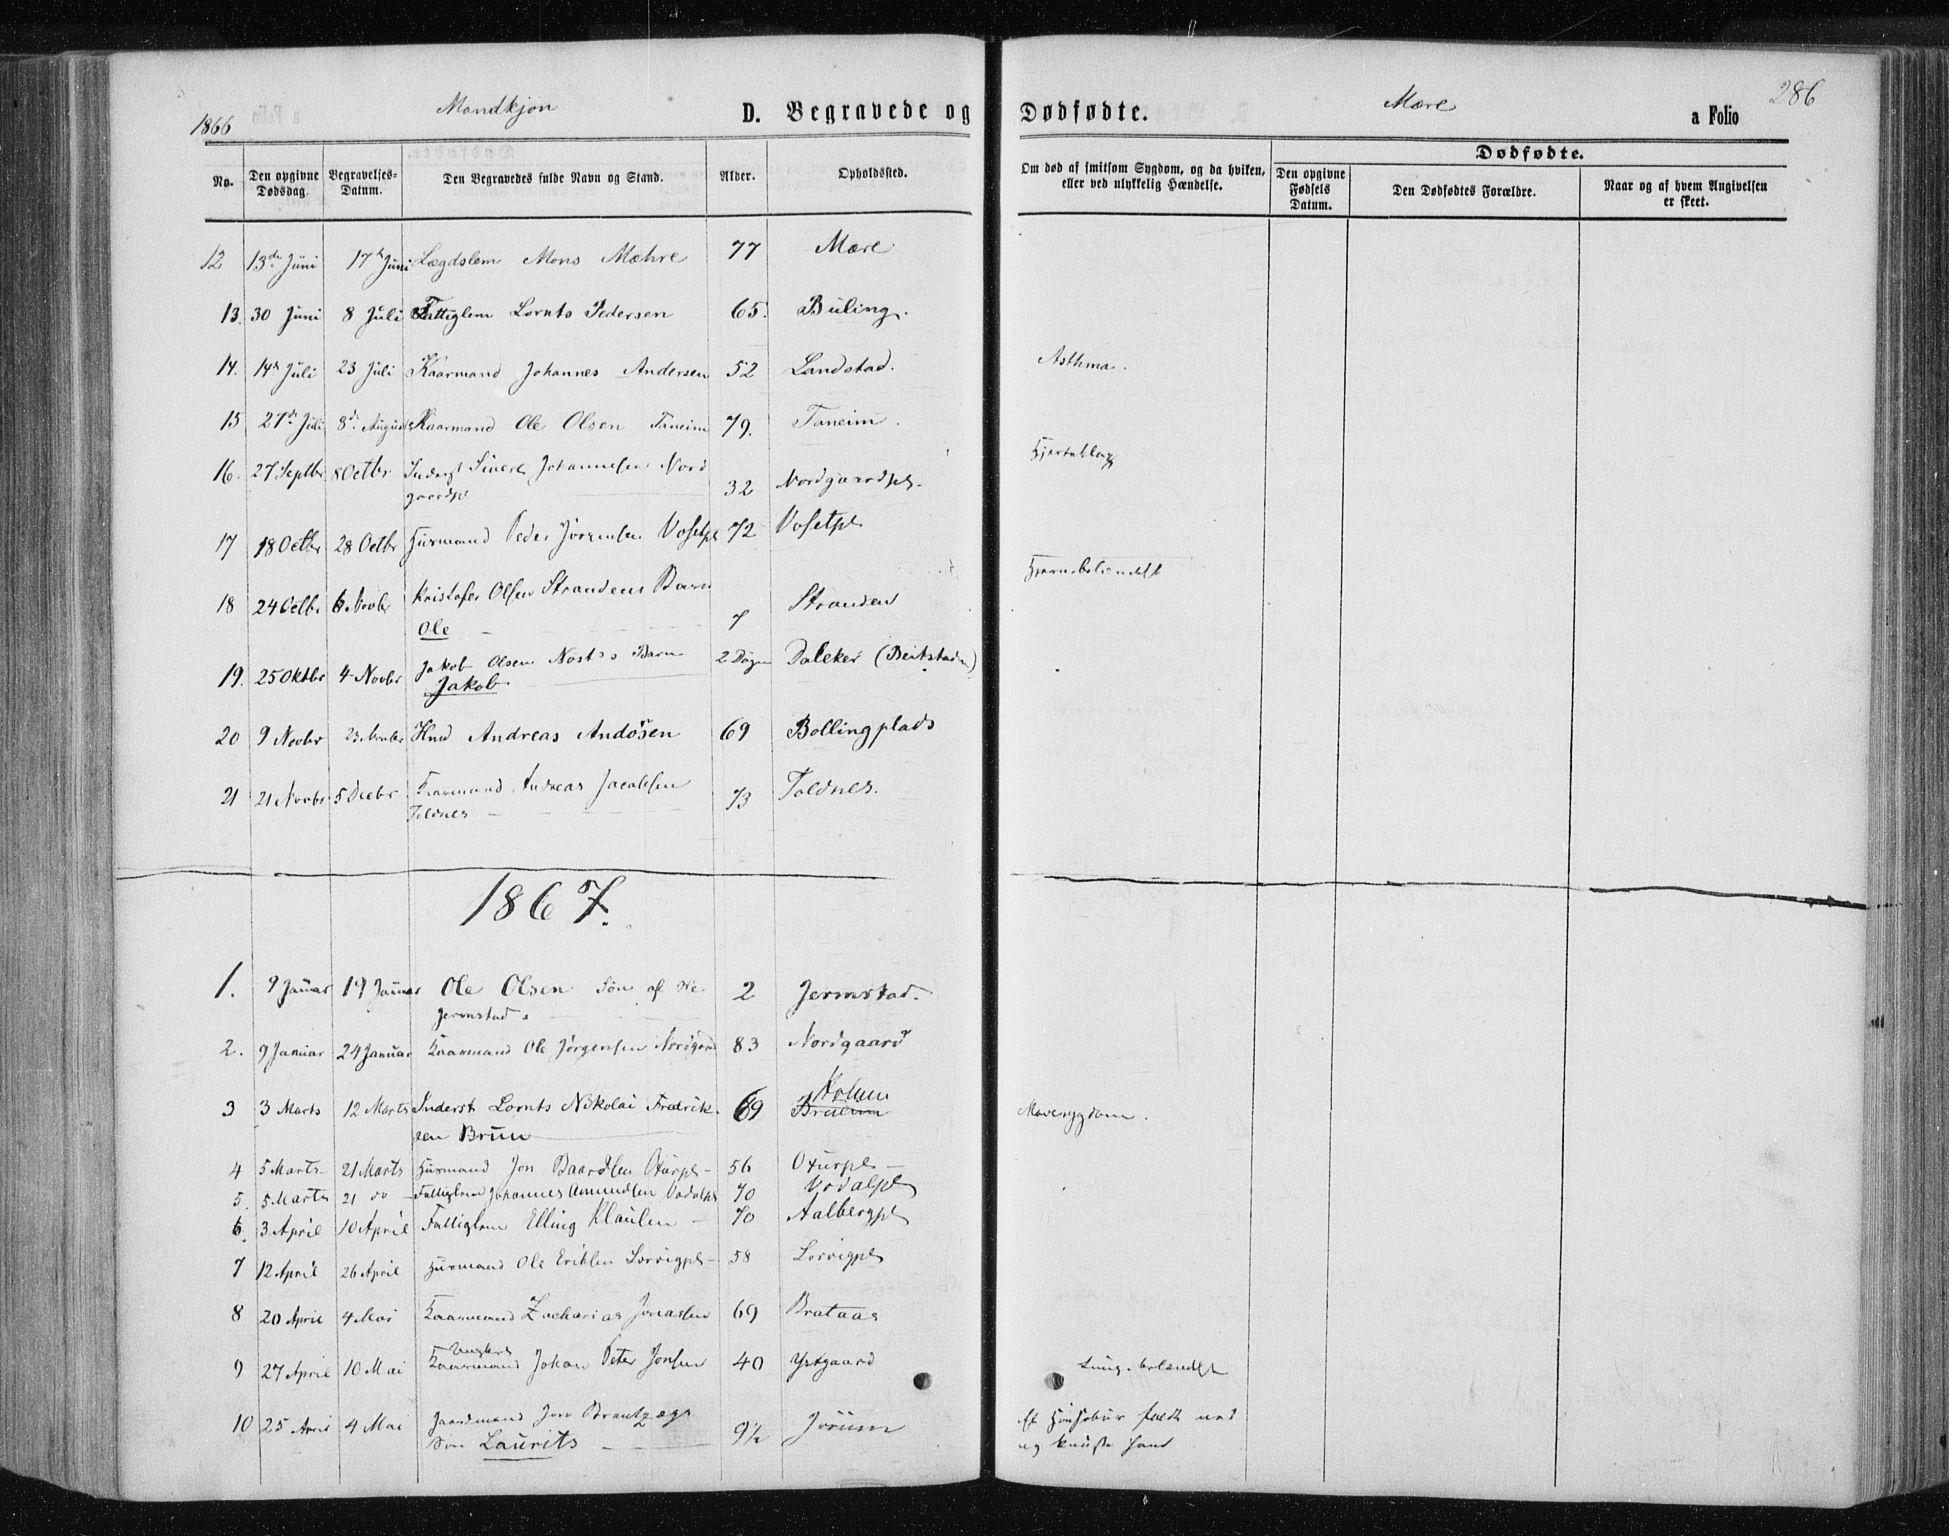 SAT, Ministerialprotokoller, klokkerbøker og fødselsregistre - Nord-Trøndelag, 735/L0345: Ministerialbok nr. 735A08 /1, 1863-1872, s. 286